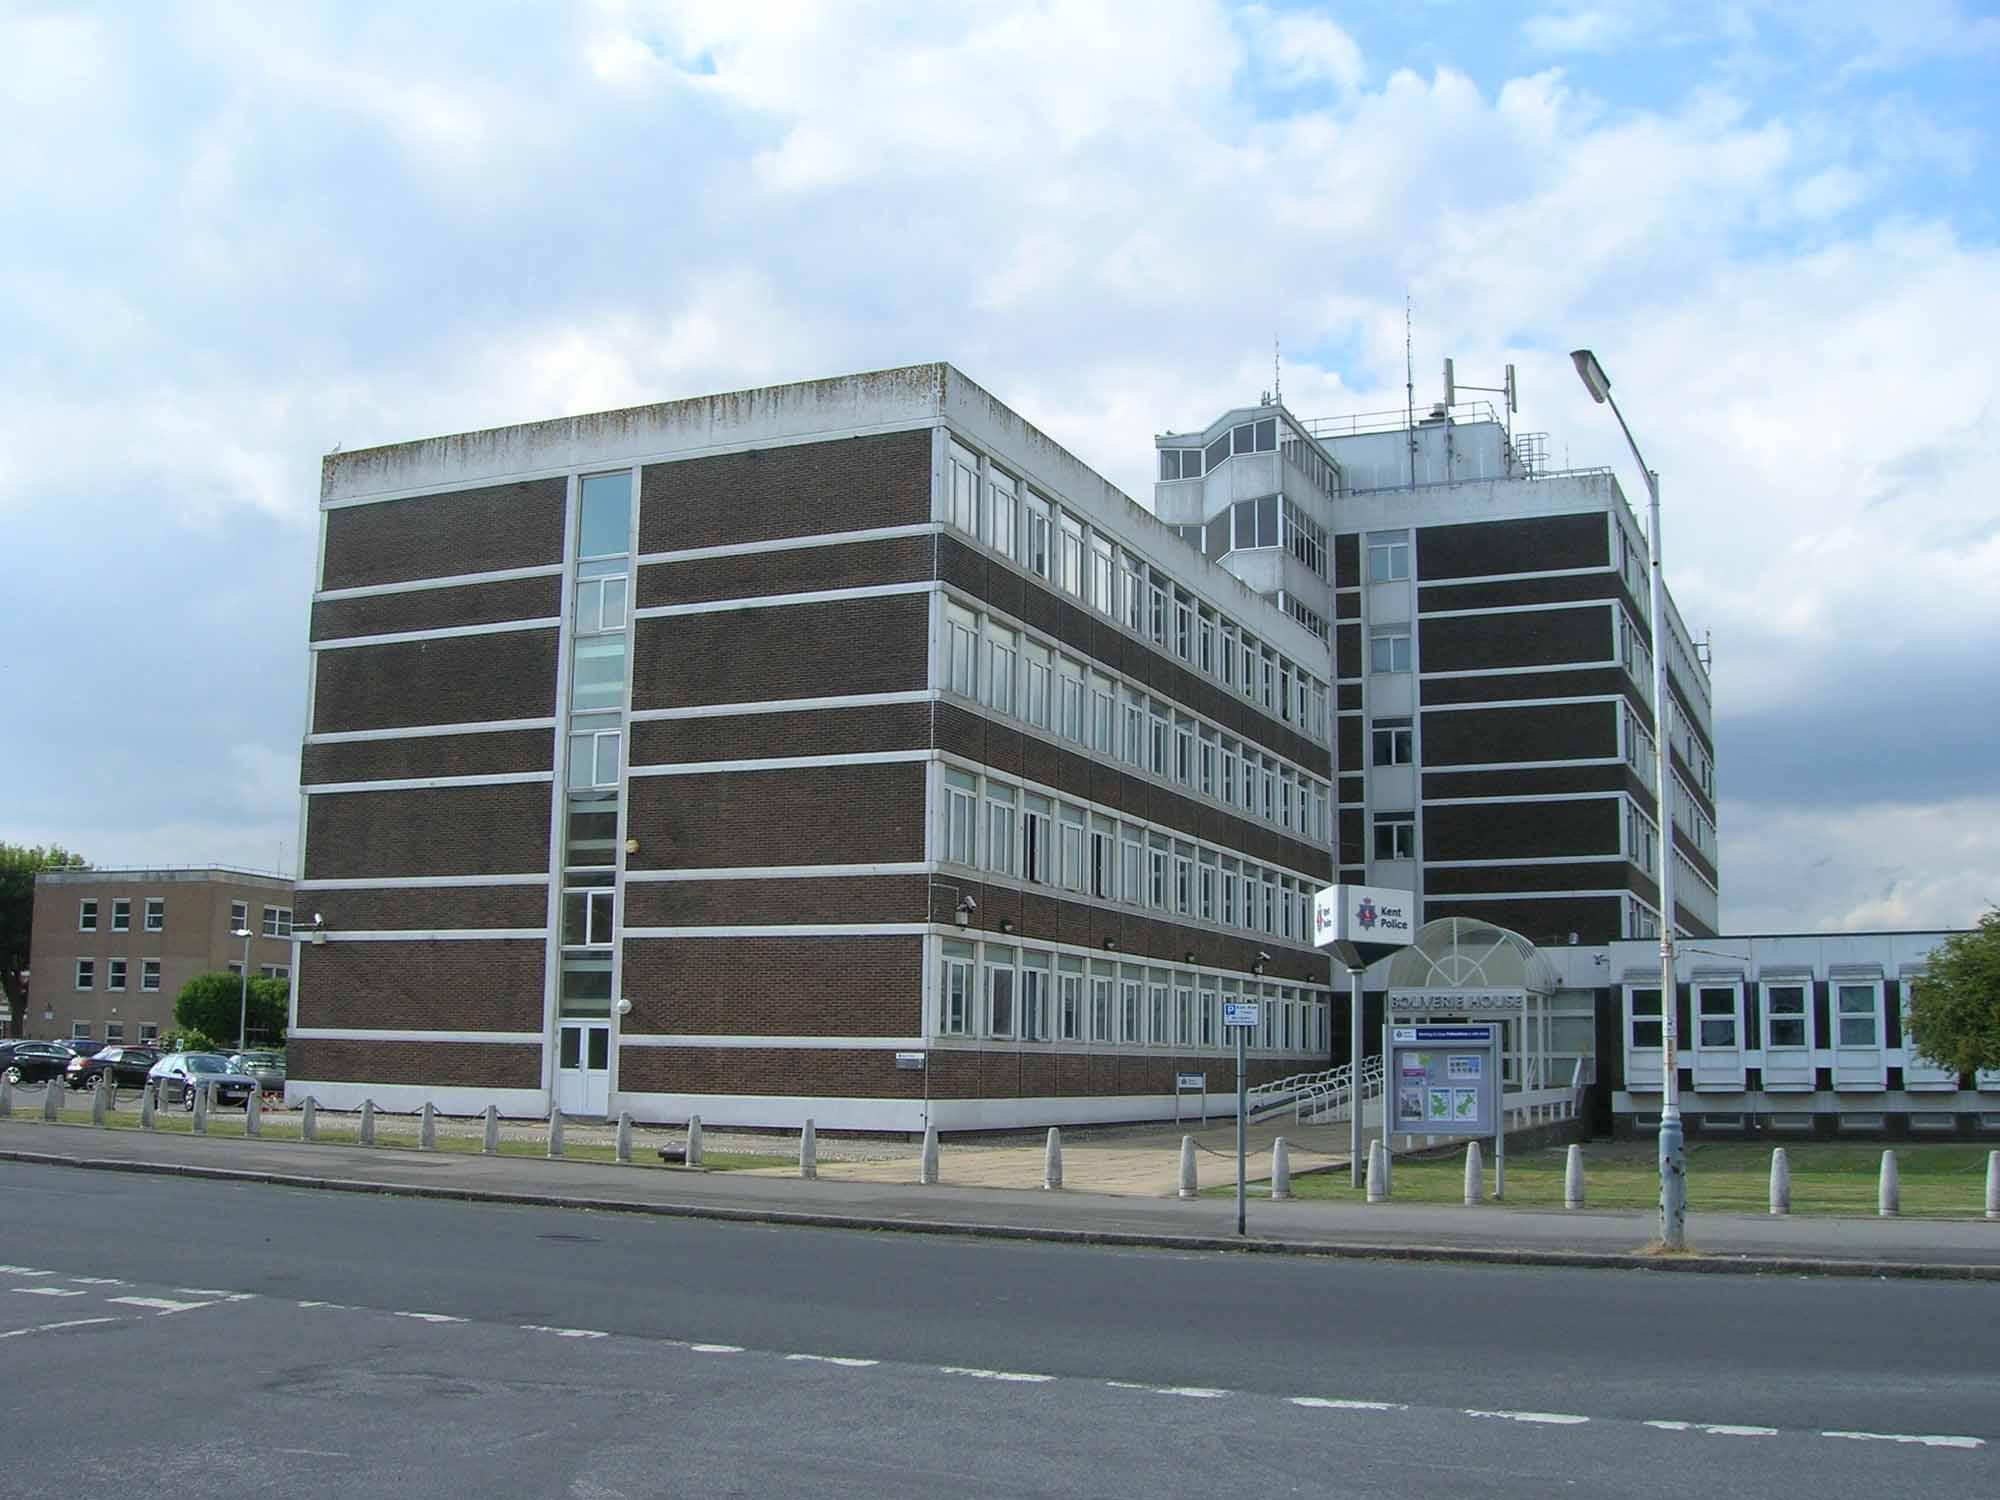 Folkestone Police Station